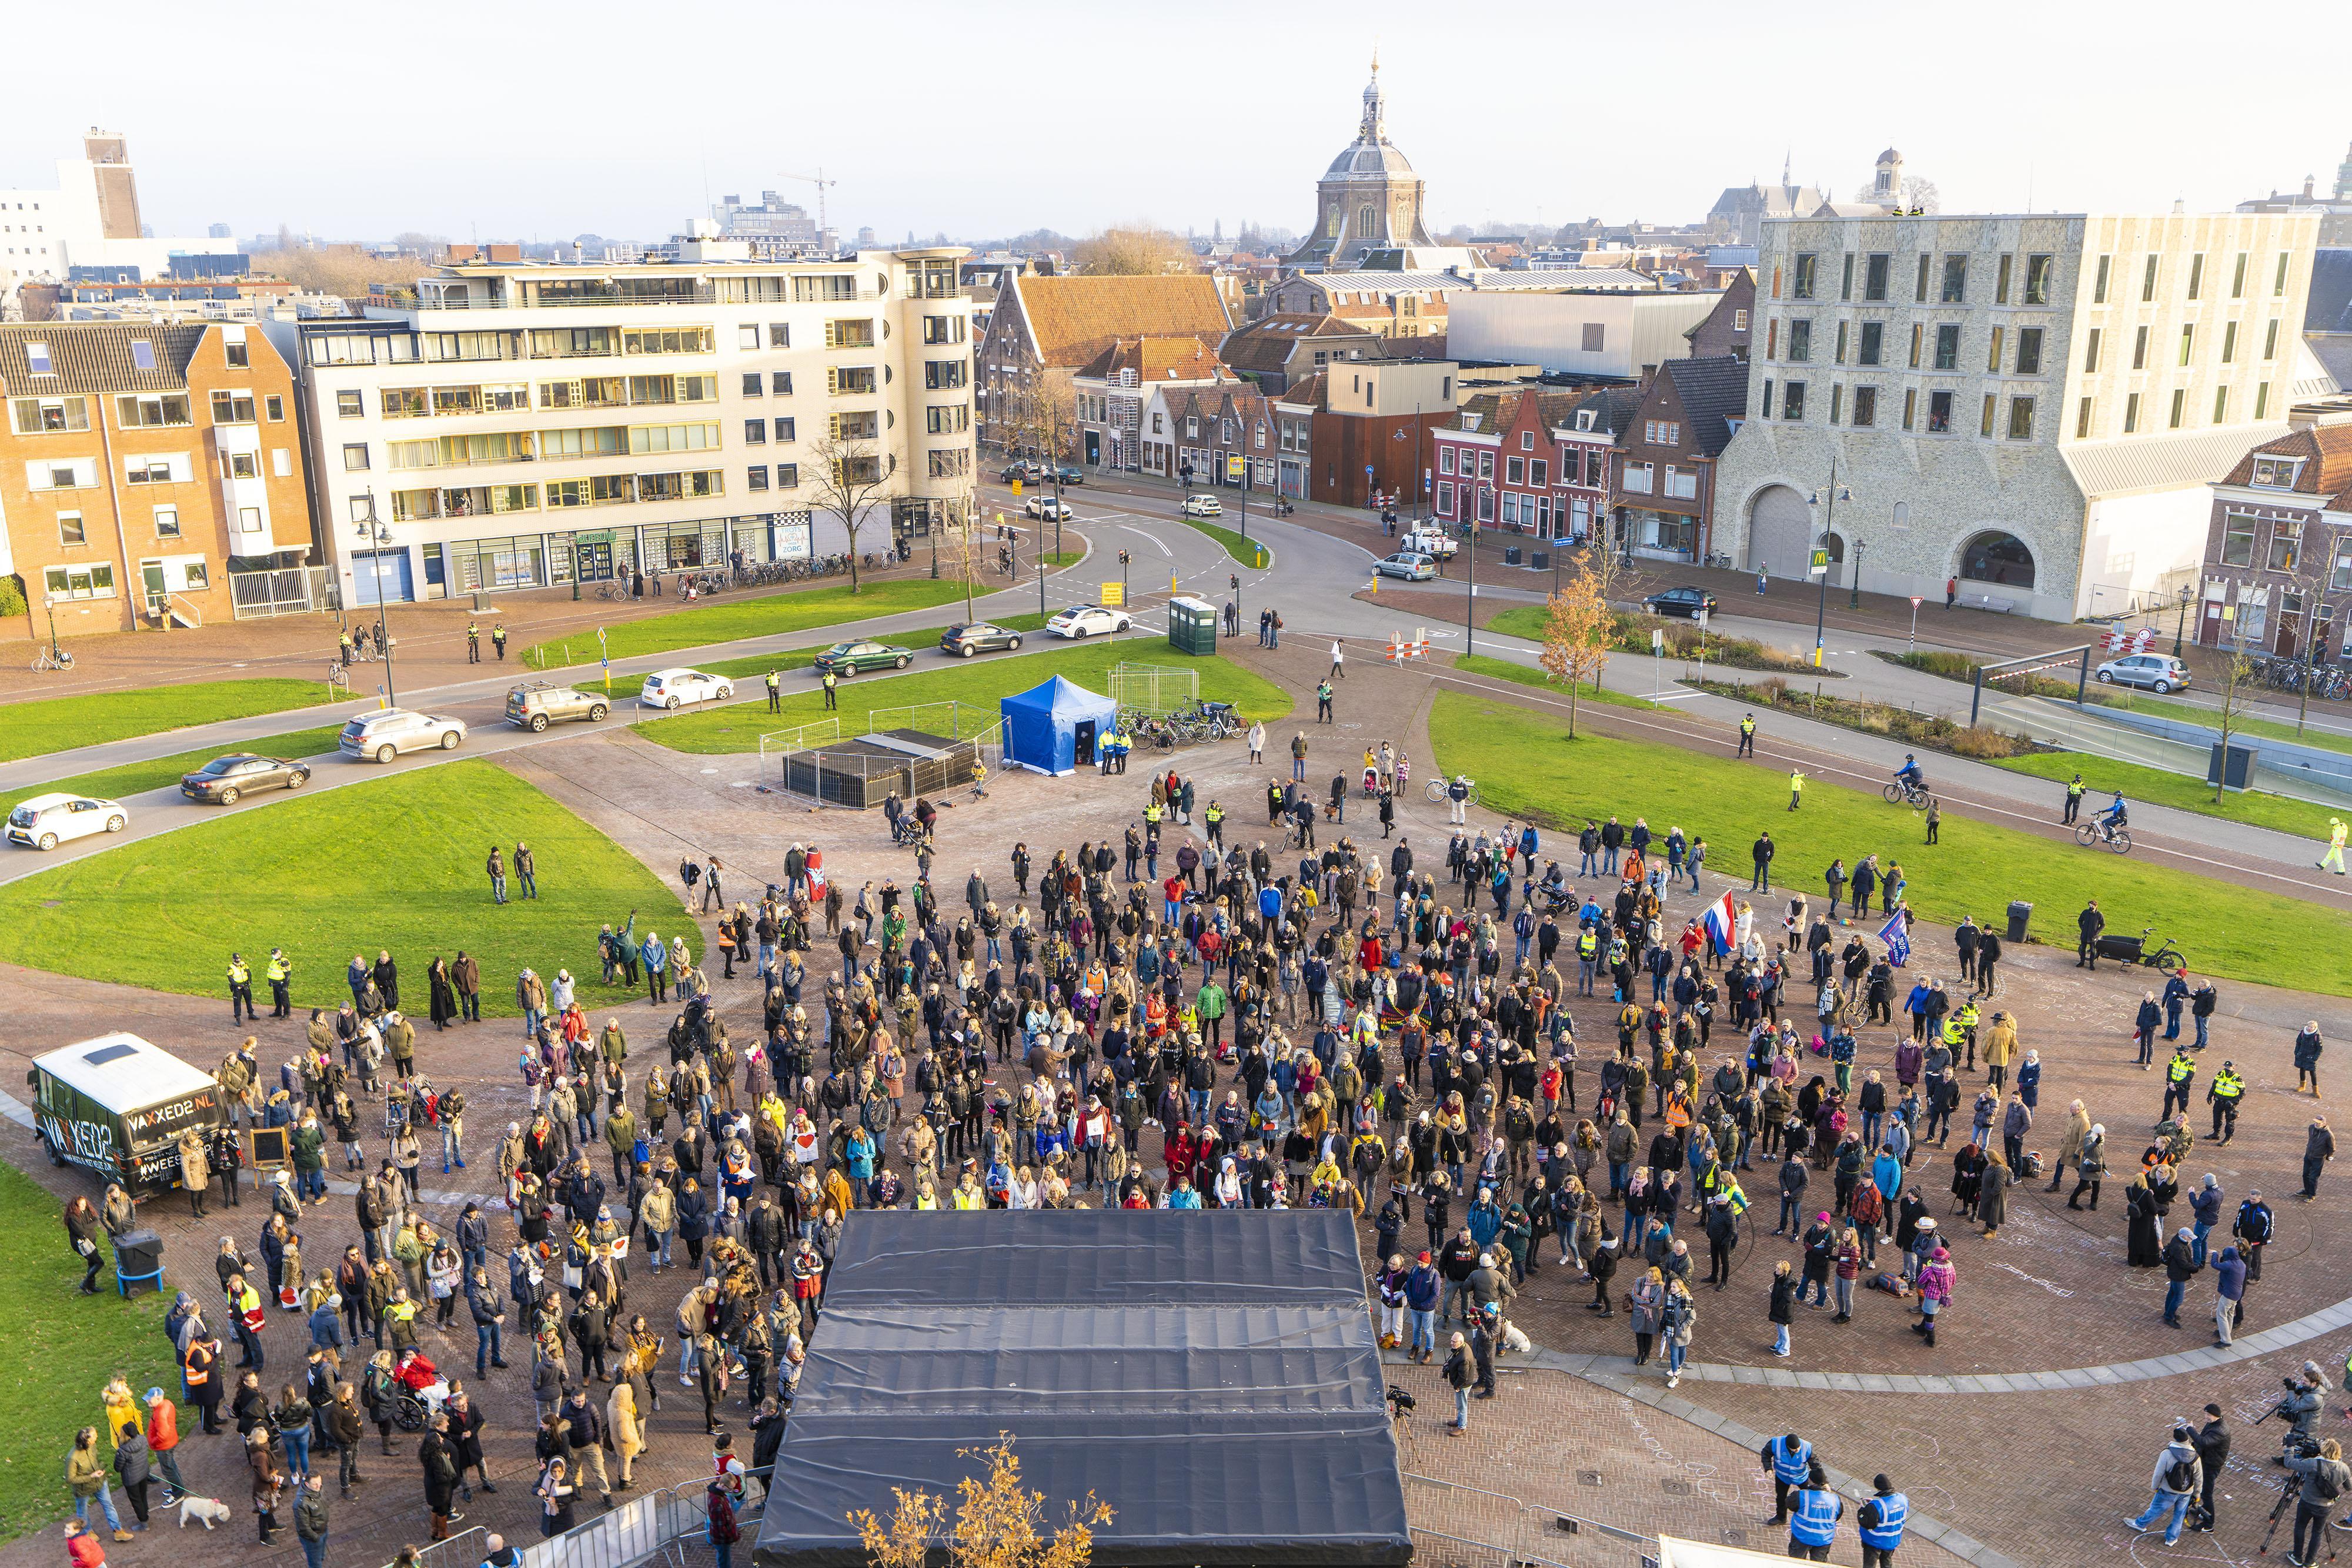 Honderden Leidse anti-vaxx'ers op de been voor een ander geluid